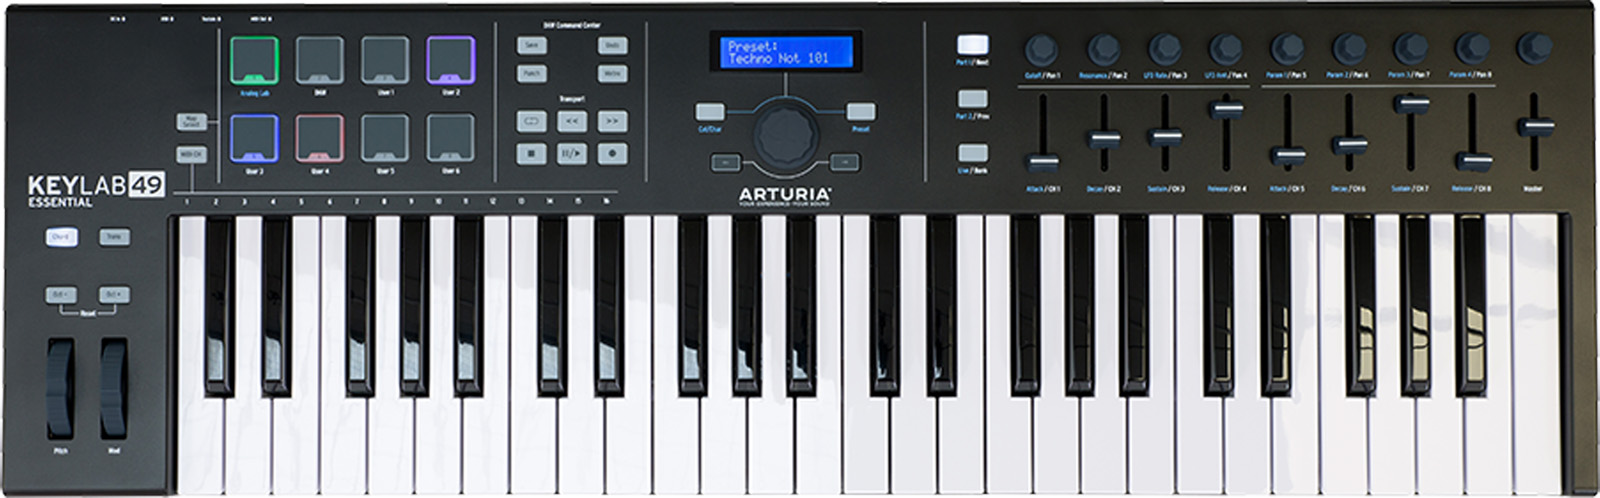 Arturia KeyLab Essential 49 Black Limited Edition